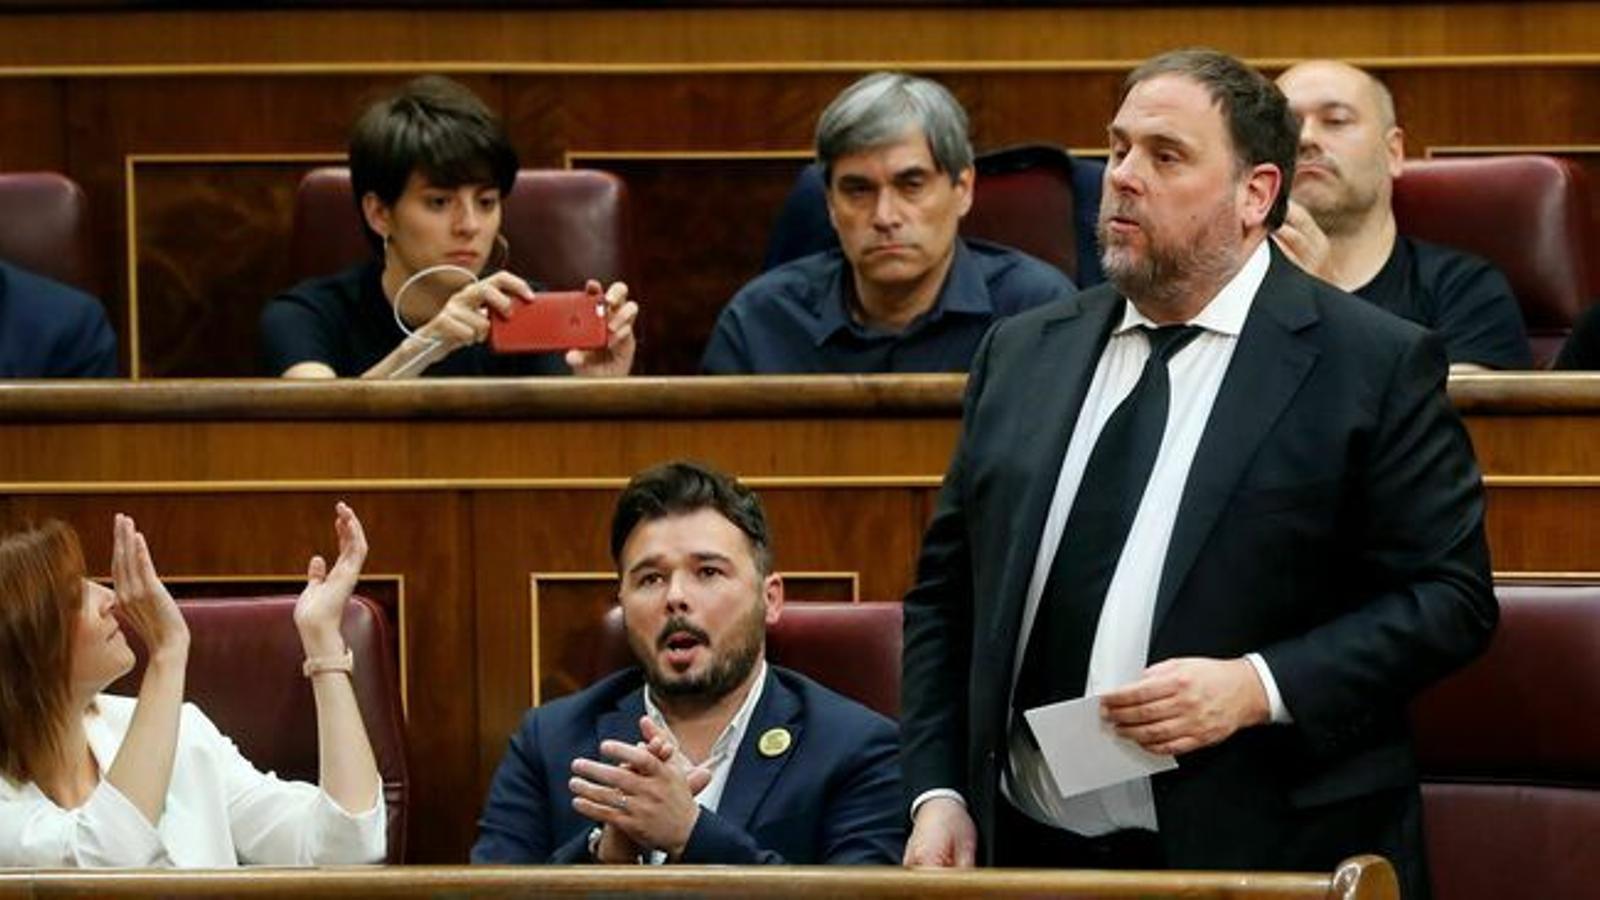 L'advocat de la UE defensa que Junqueras tenia immunitat